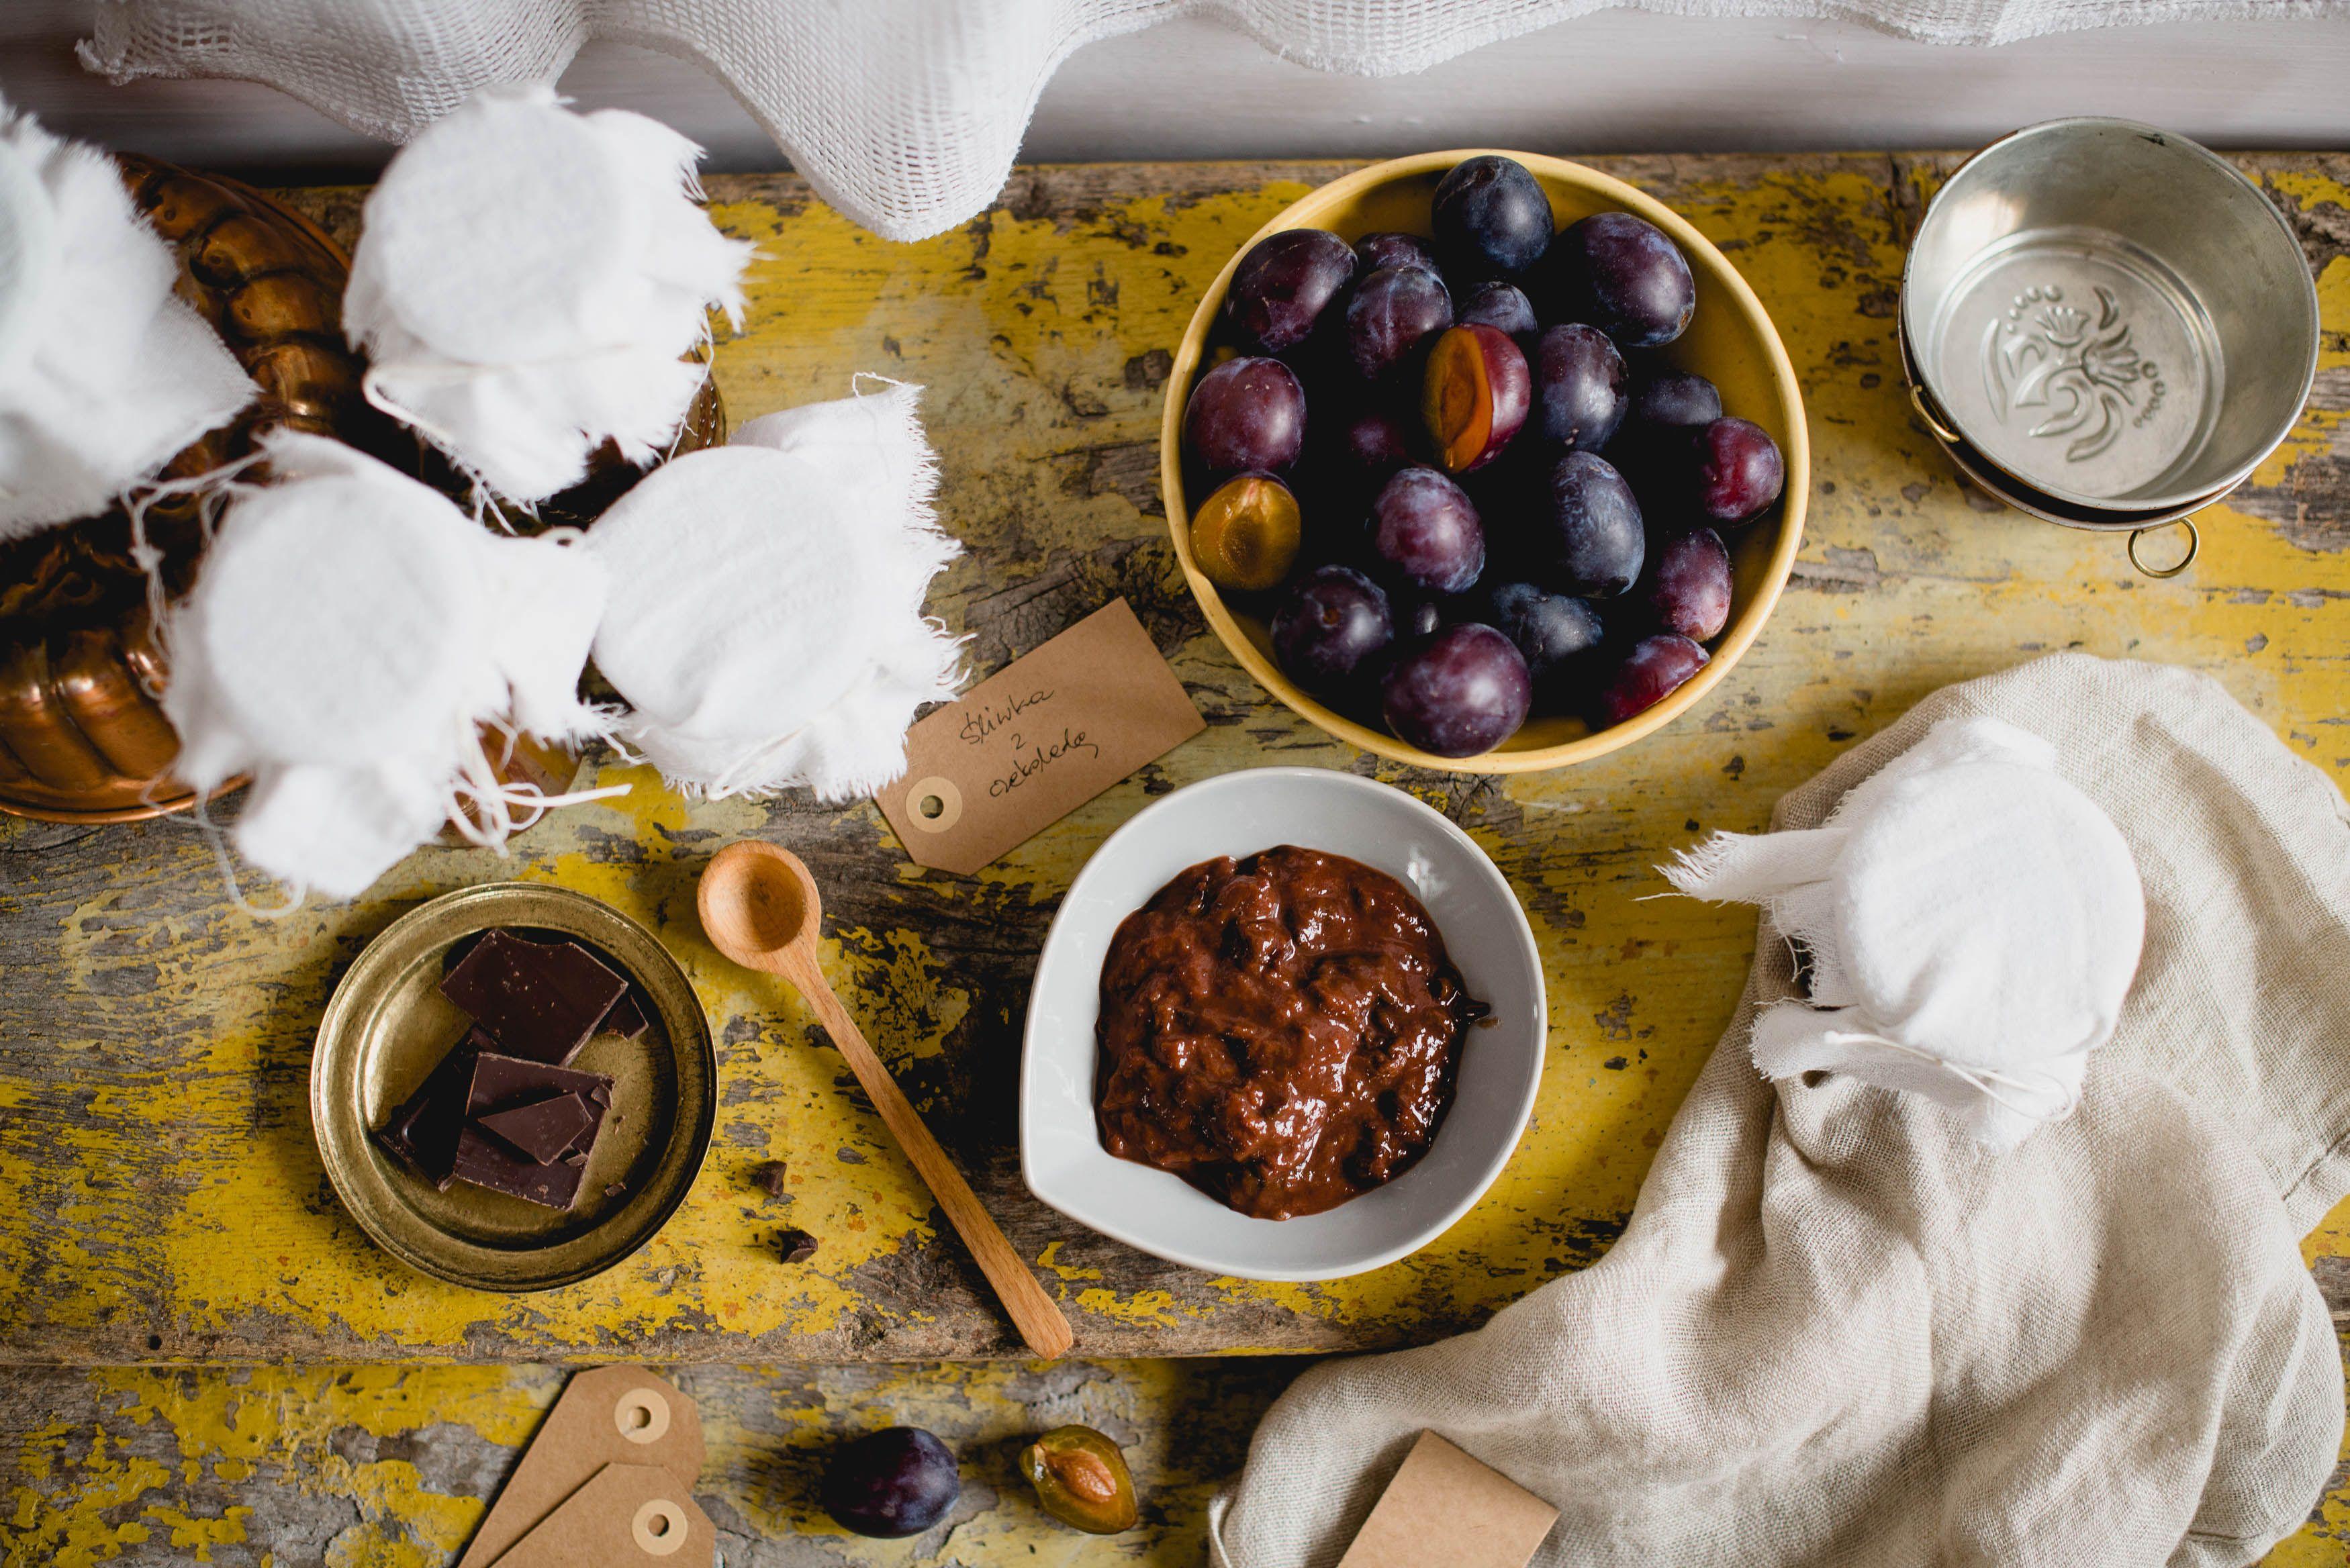 Powidła śliwkowe z madeirą i czekoladą – Lifetime Arena – informacje kulturalne, moda, inspiracje